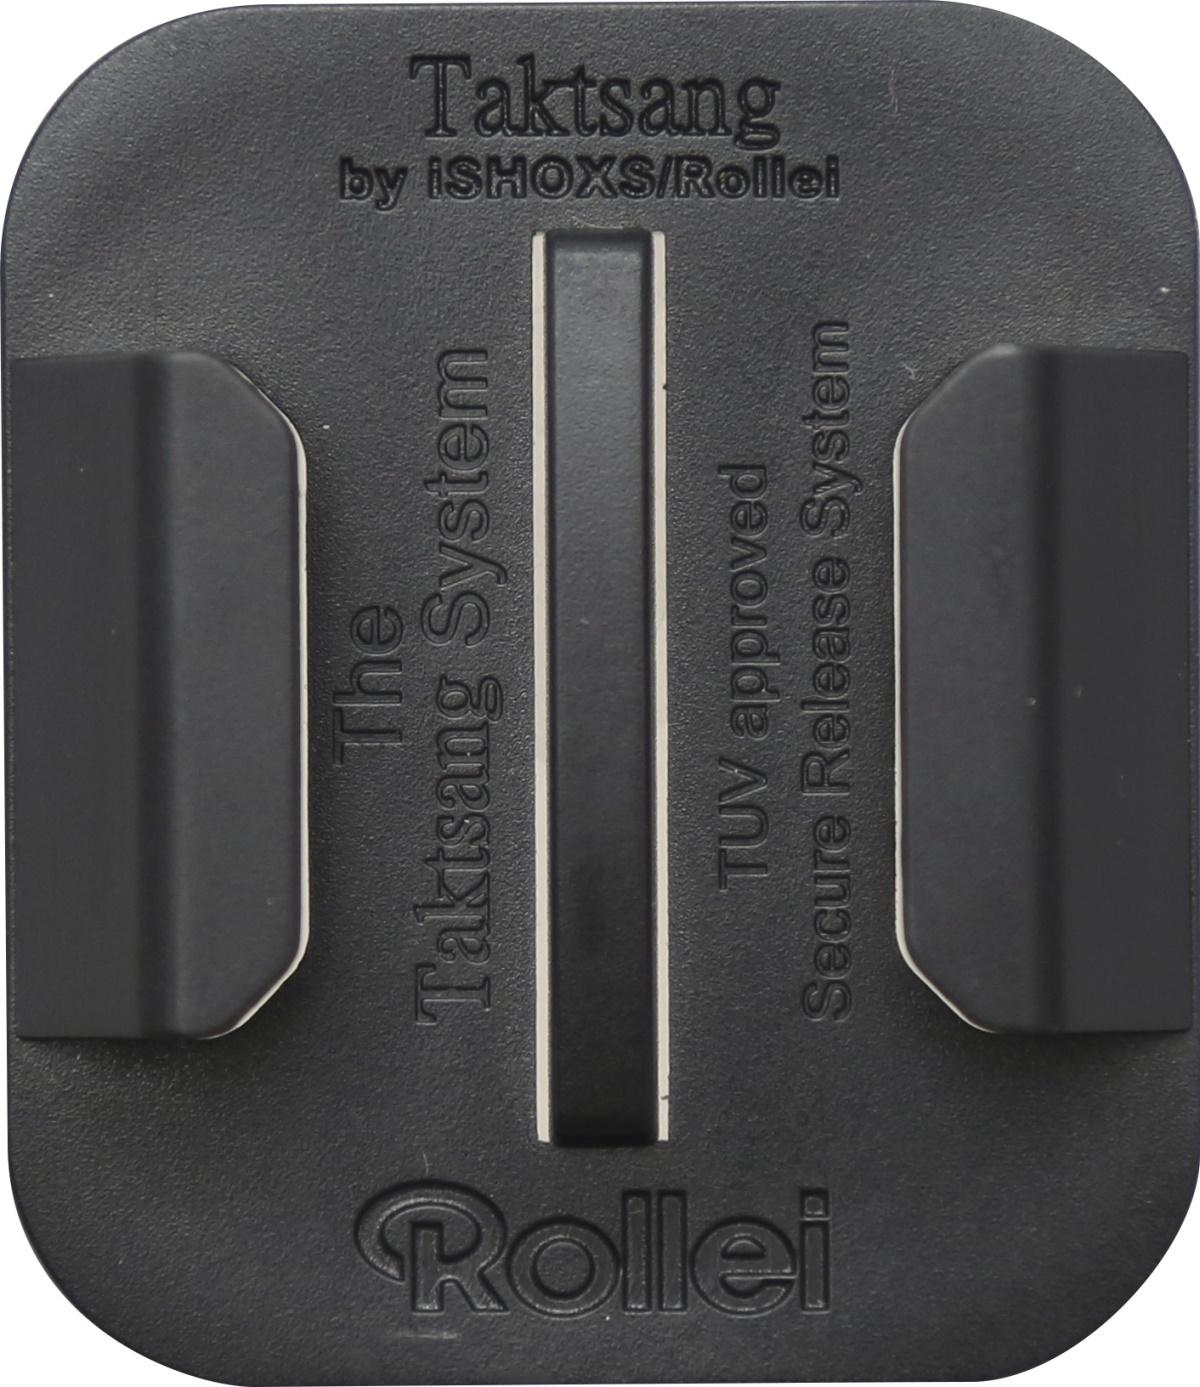 Rollei SafetyPad